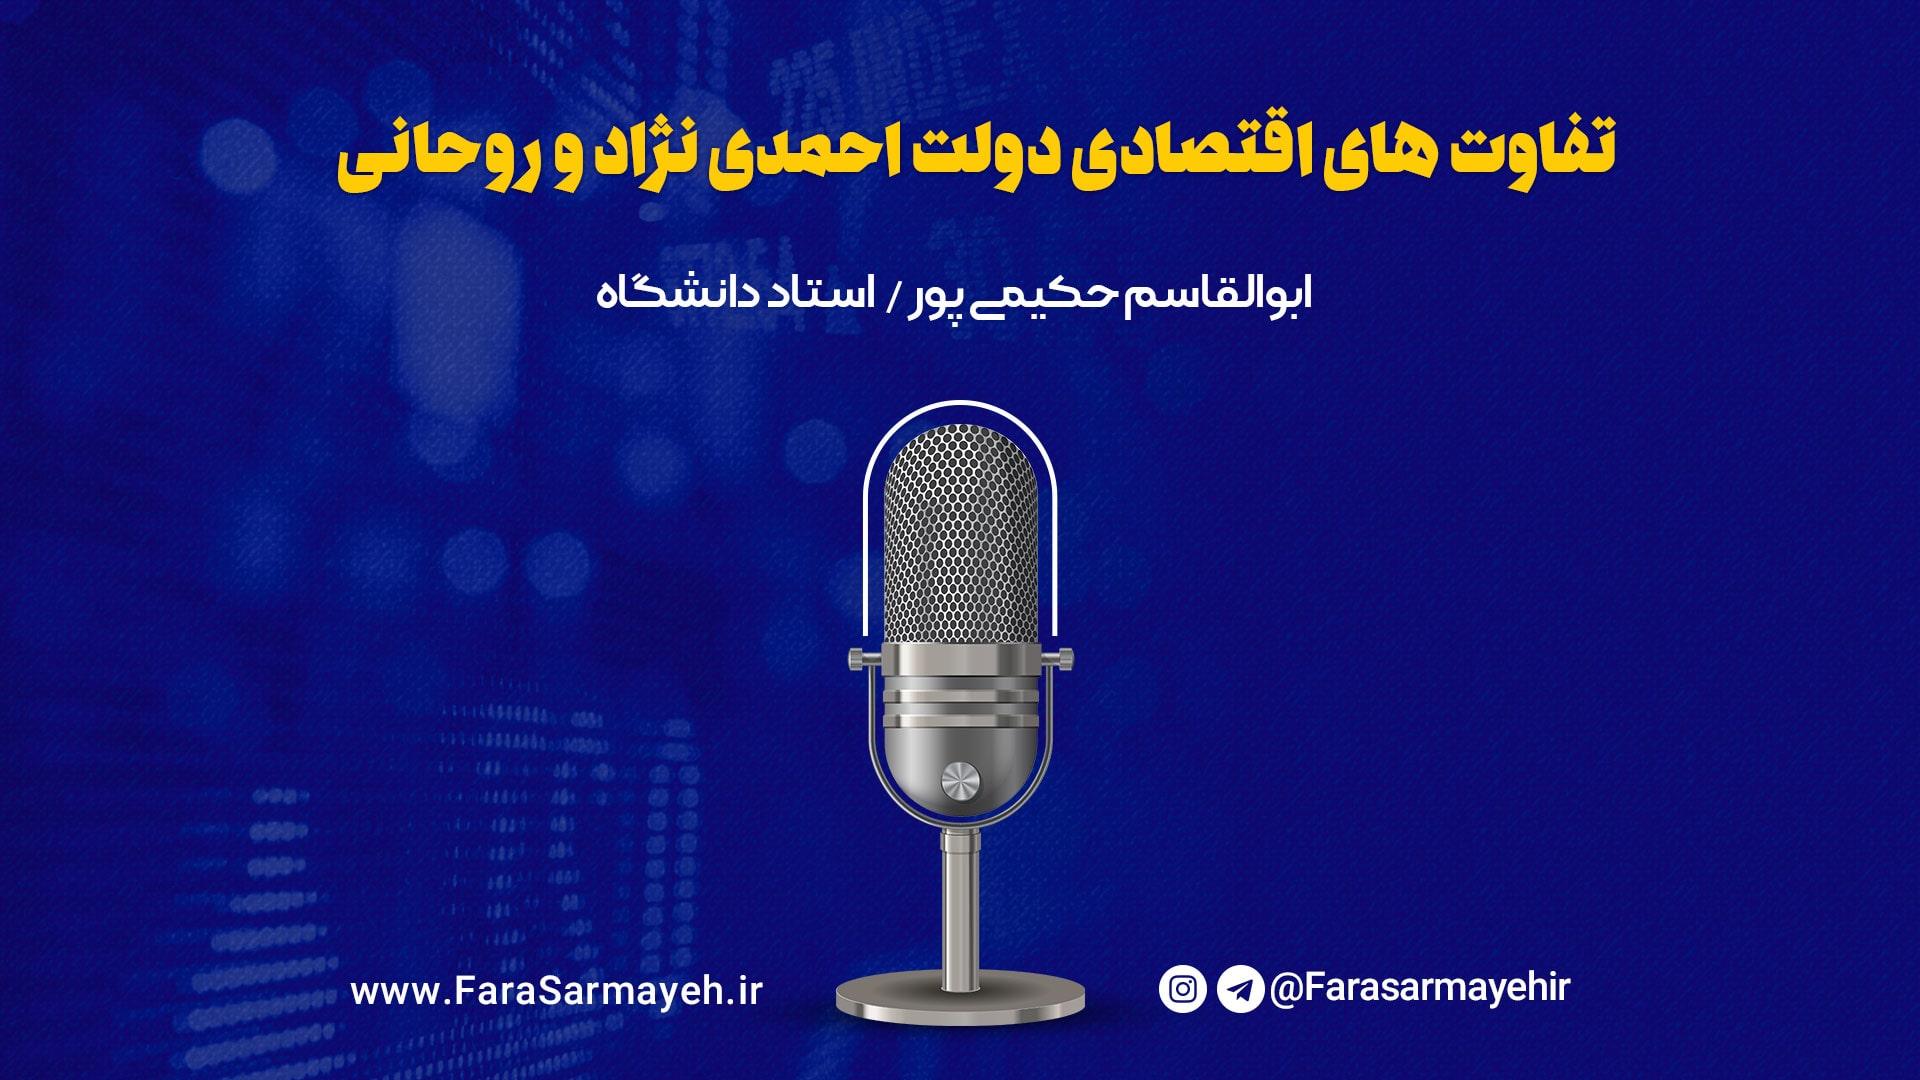 تفاوتهای اقتصادی دولت احمدینژاد و روحانی